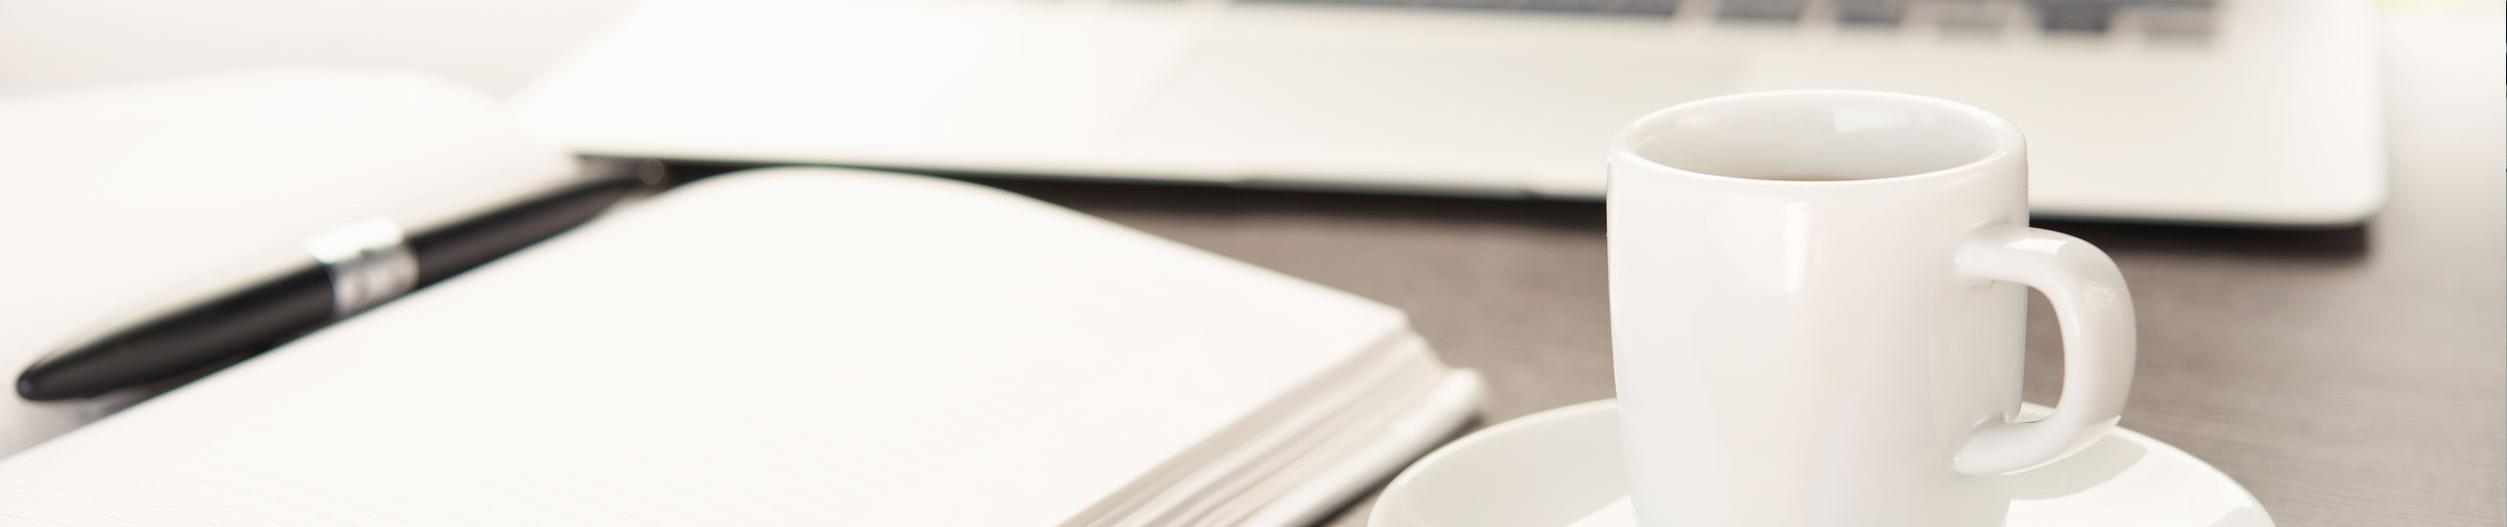 webagentur-mw-kontakt - das Bild zeigt einen modernen Arbeitsplatz mit einer Tasse Kaffee, einem Notizbuch und einem Laptop